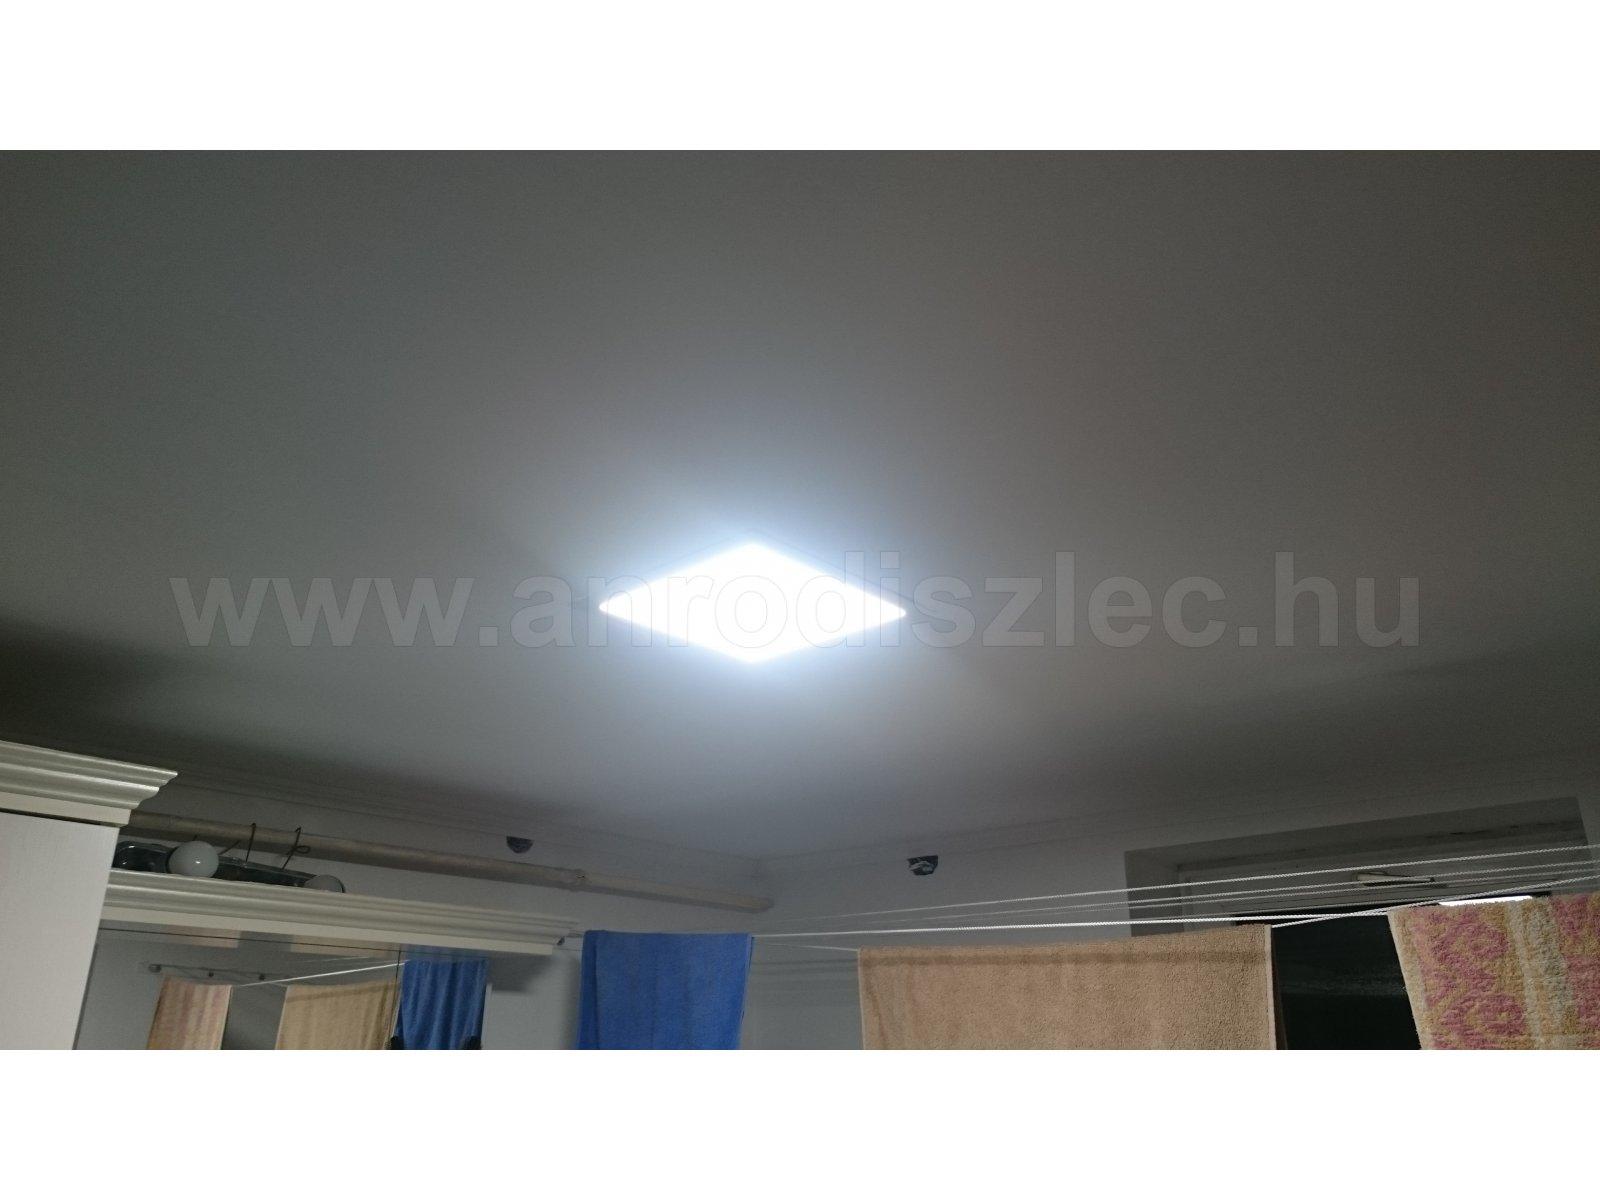 Fürdőszoba világítás 24W beltéri panellel - Vásárlóink fotói - Díszléc és LED lámpa Webáruház